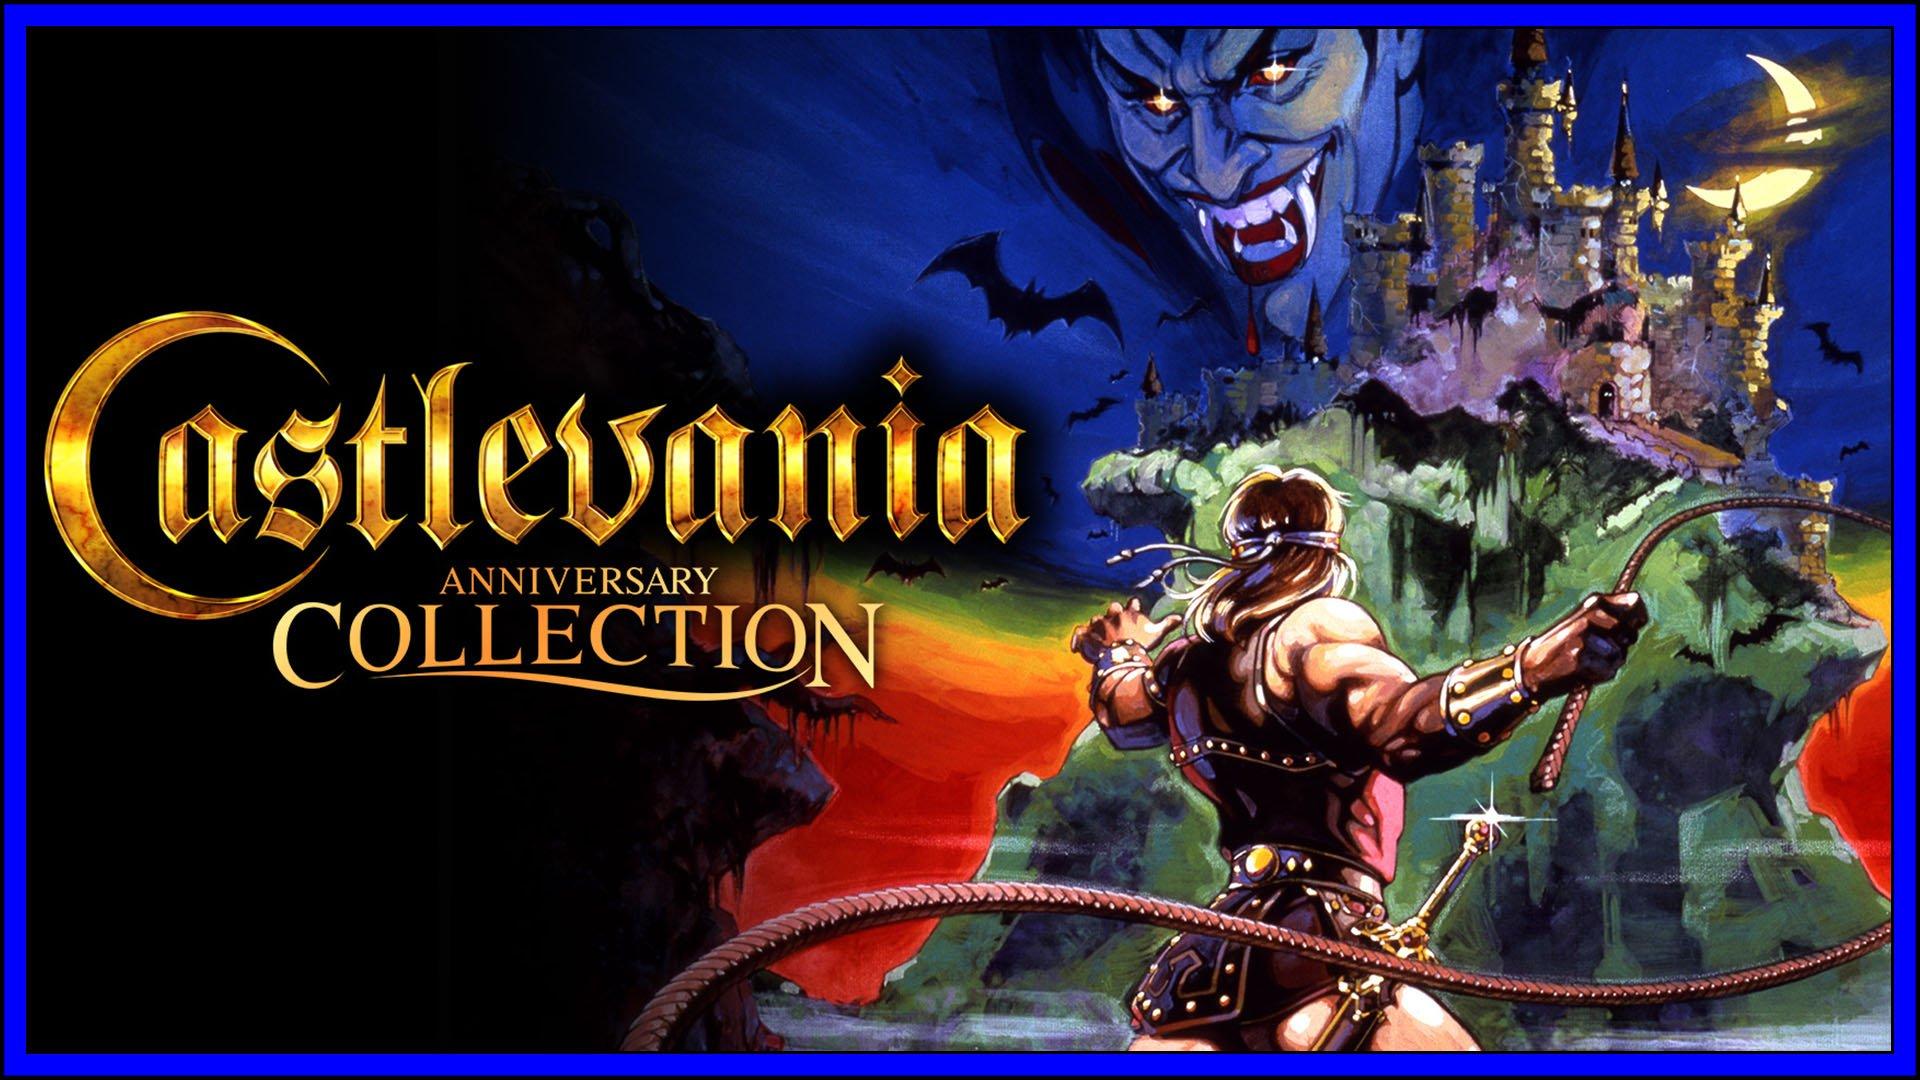 Castlevania Collection Fi3